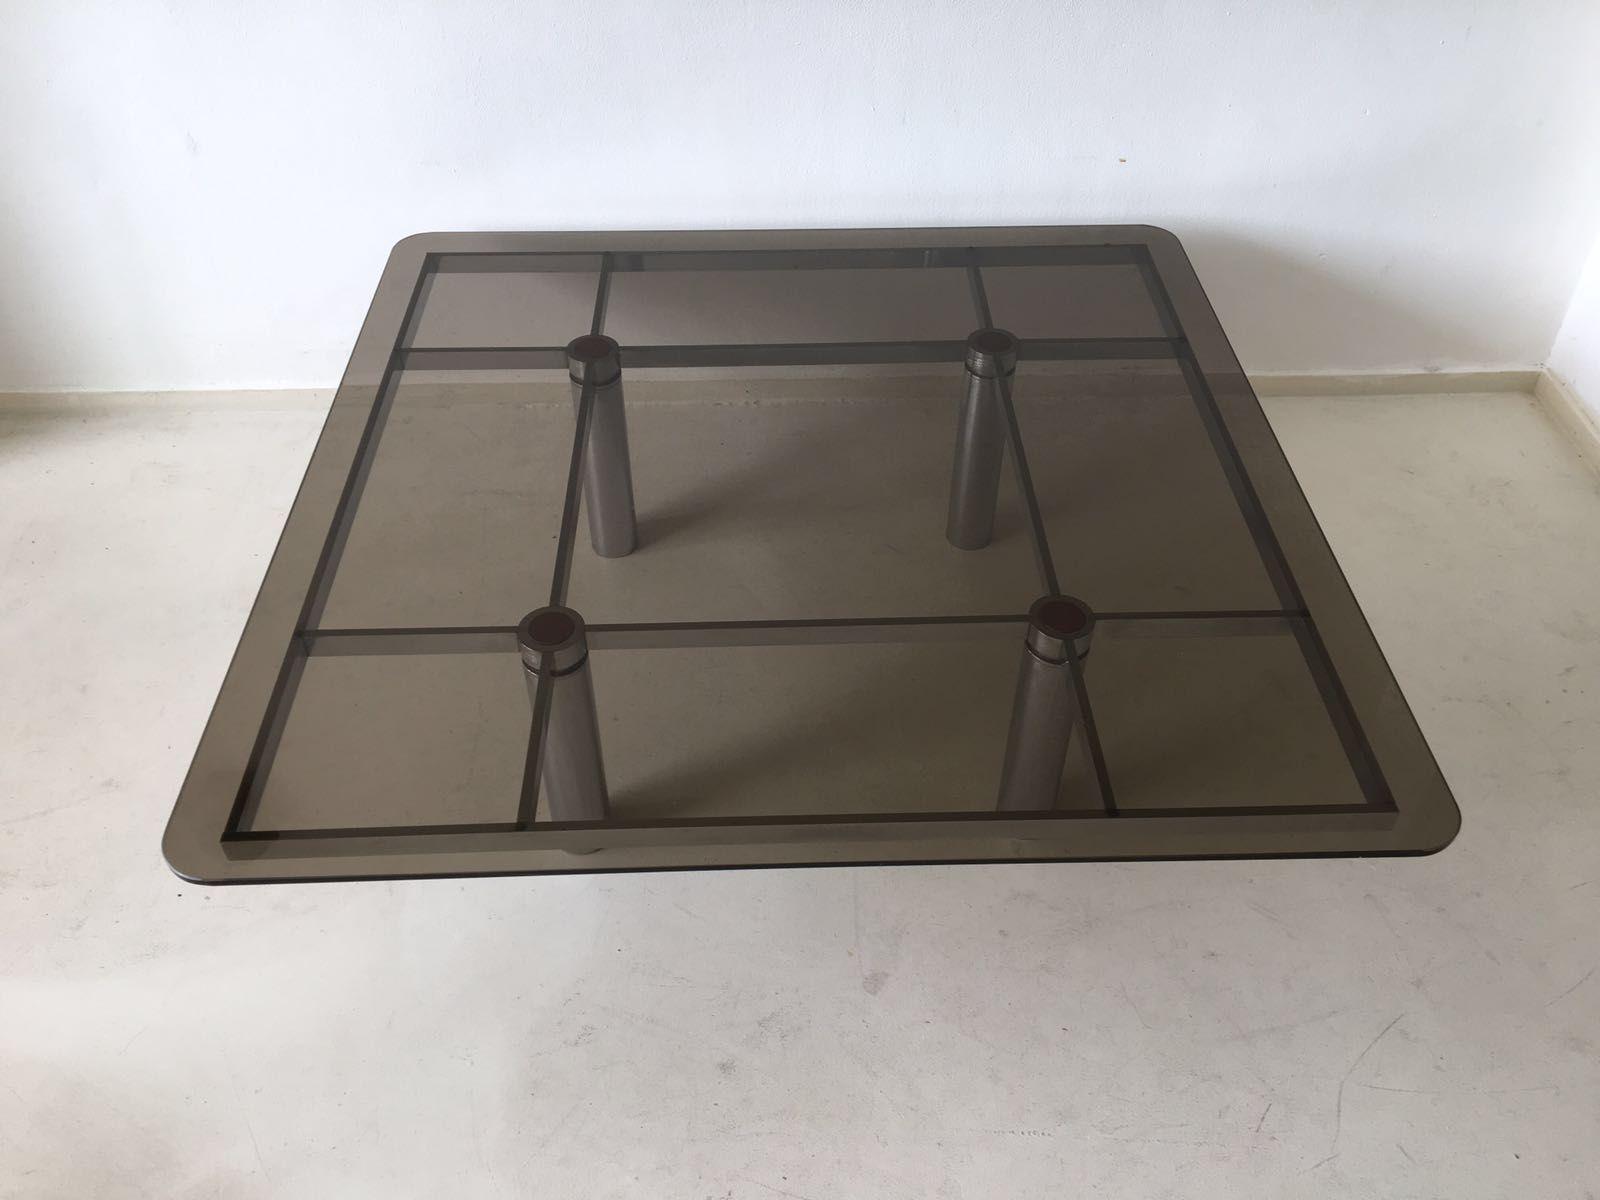 Quadratischer italienischer glas couchtisch von tobia scarpa für ...